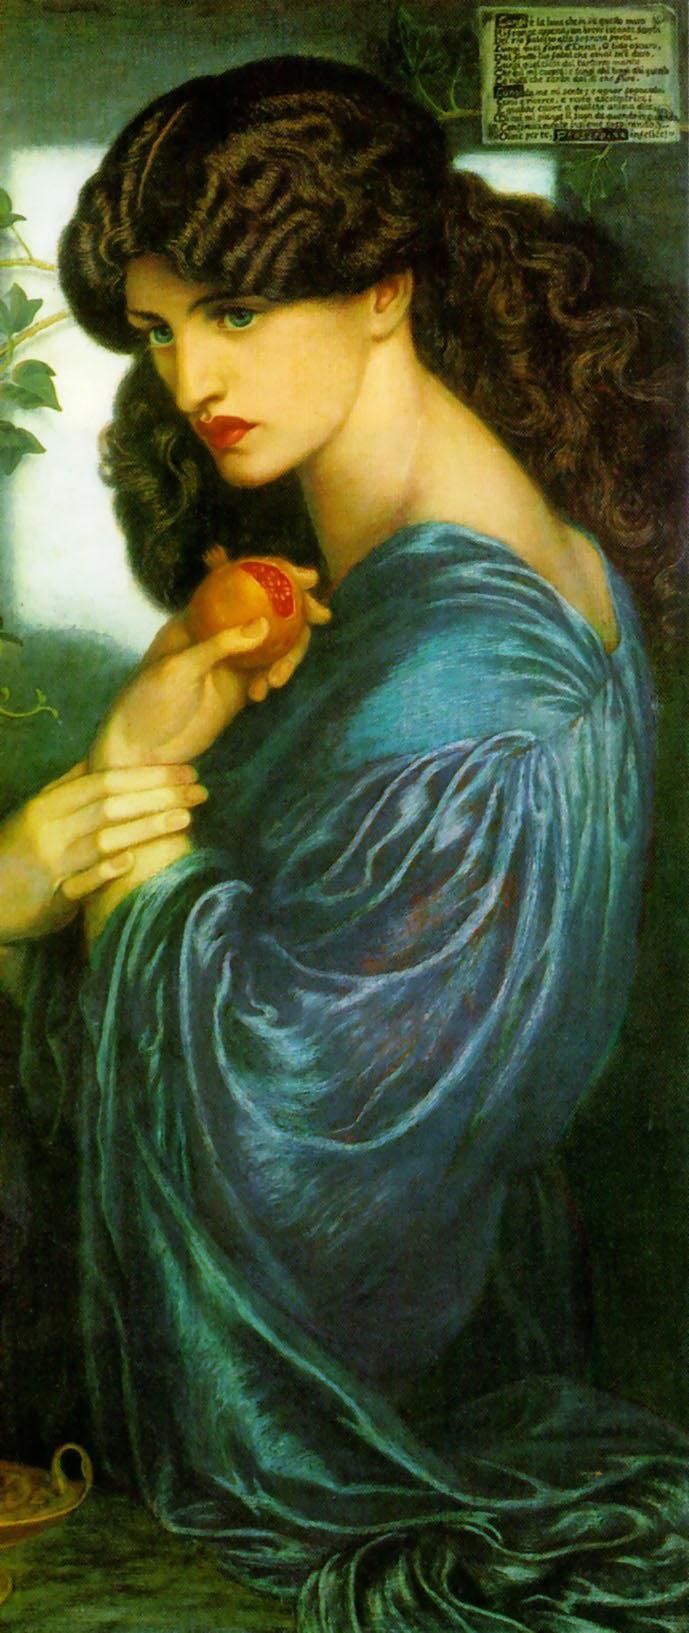 Proserpine, by Dante Gabriel Rossetti (model: Jane Morris)